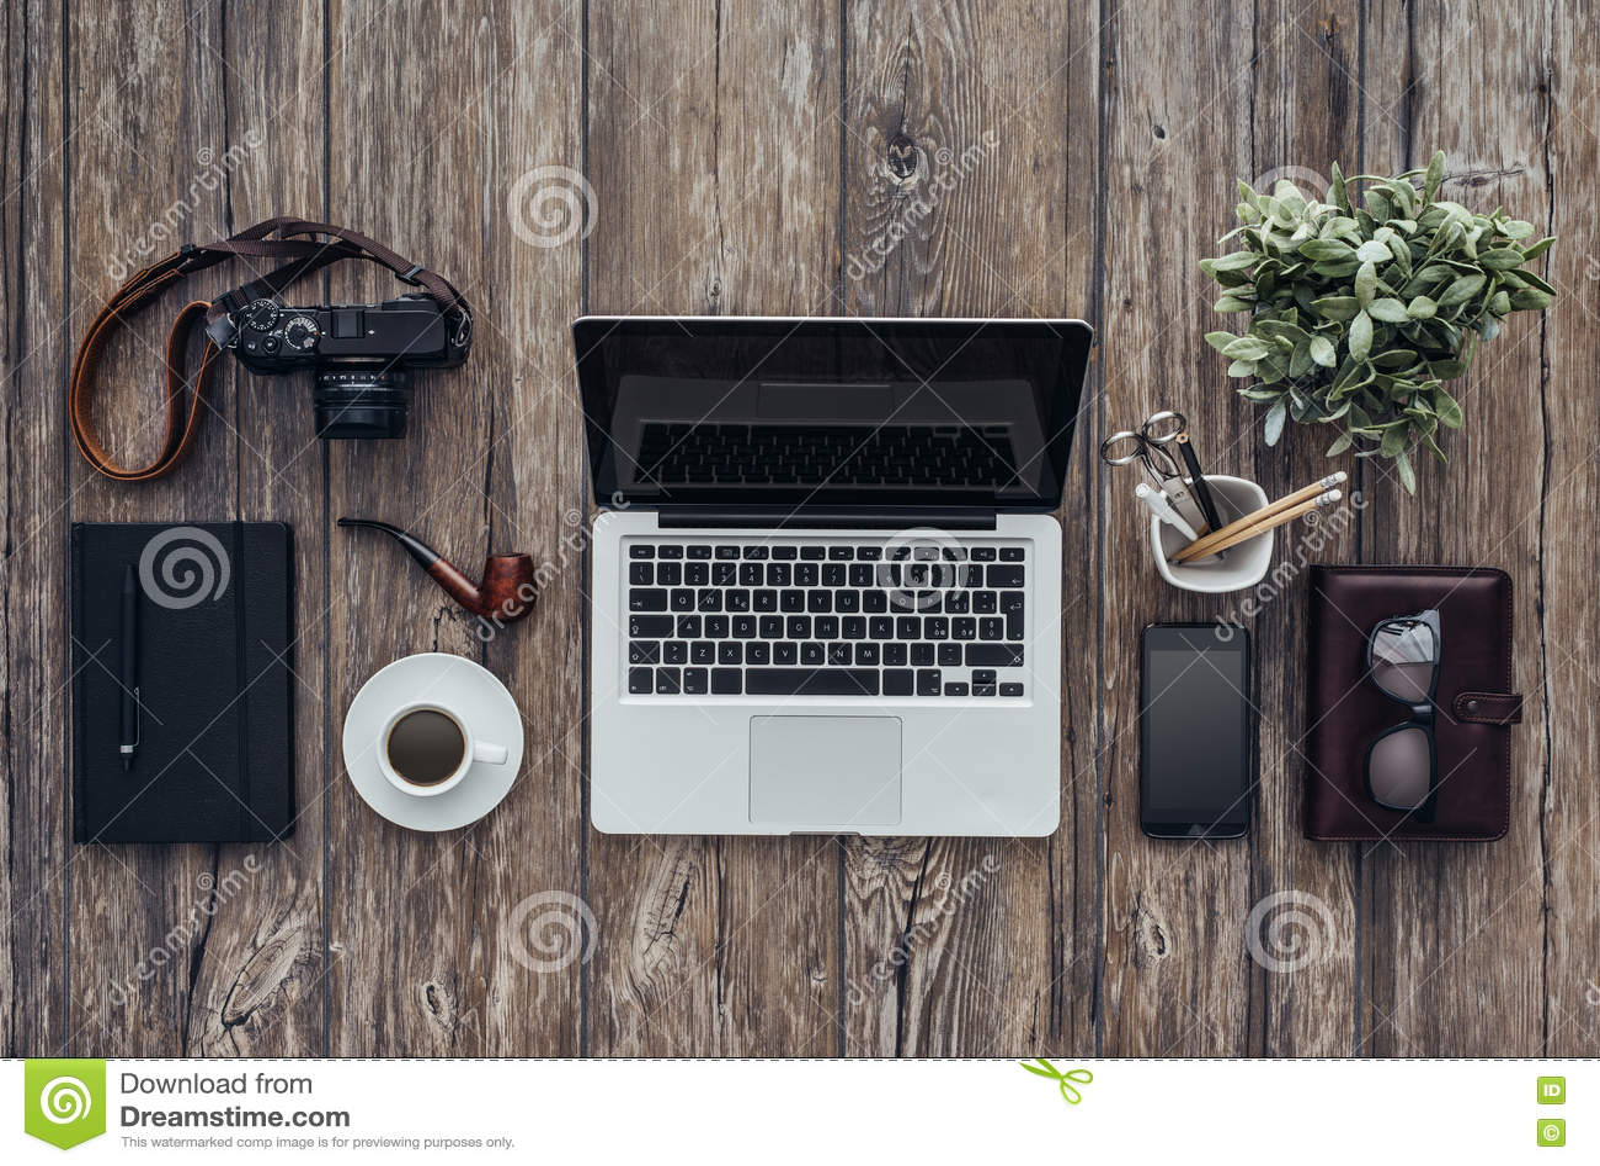 Hipster desktop